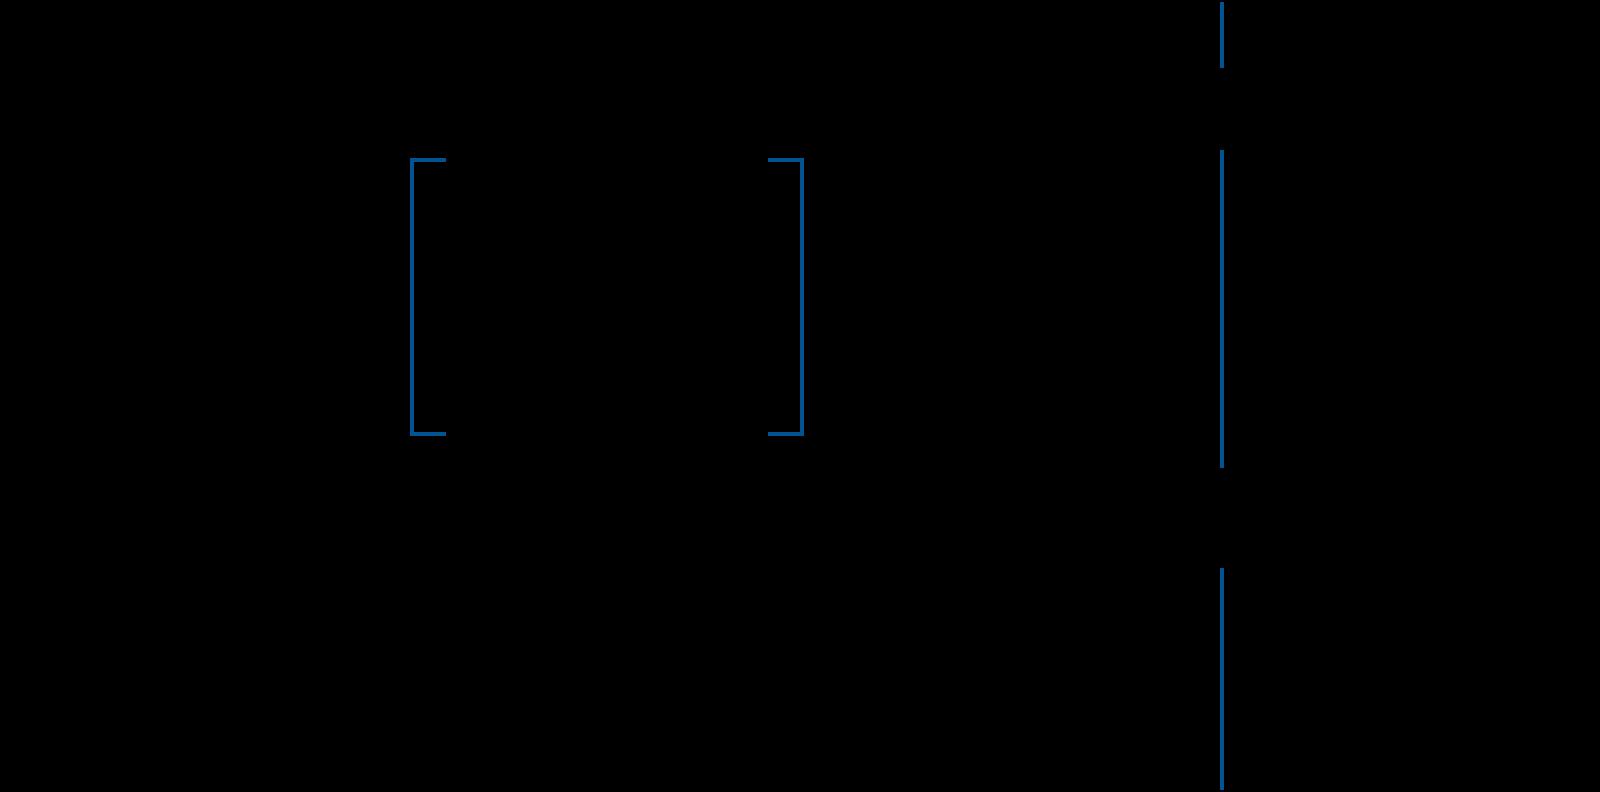 fig13_ia